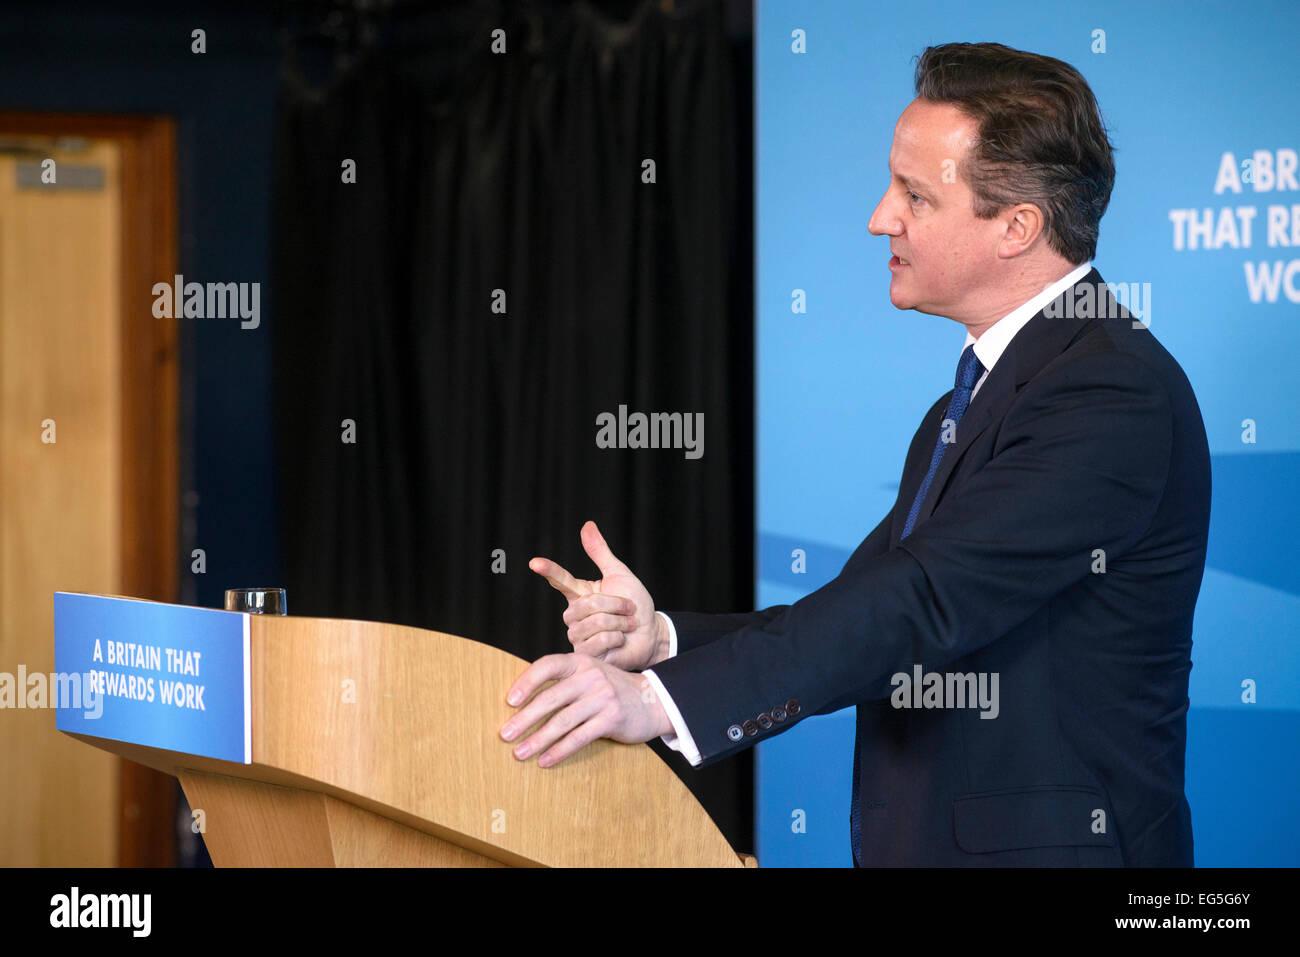 Hove, Royaume-Uni. Feb 17, 2015. Le premier ministre David Cameron fait un discours le 17/02/2015 à Blatchington Mill School, Hove. Le PM a parlé de l'état de bien-être et d'embauche Crédit: Julie Edwards/Alamy Live News Banque D'Images